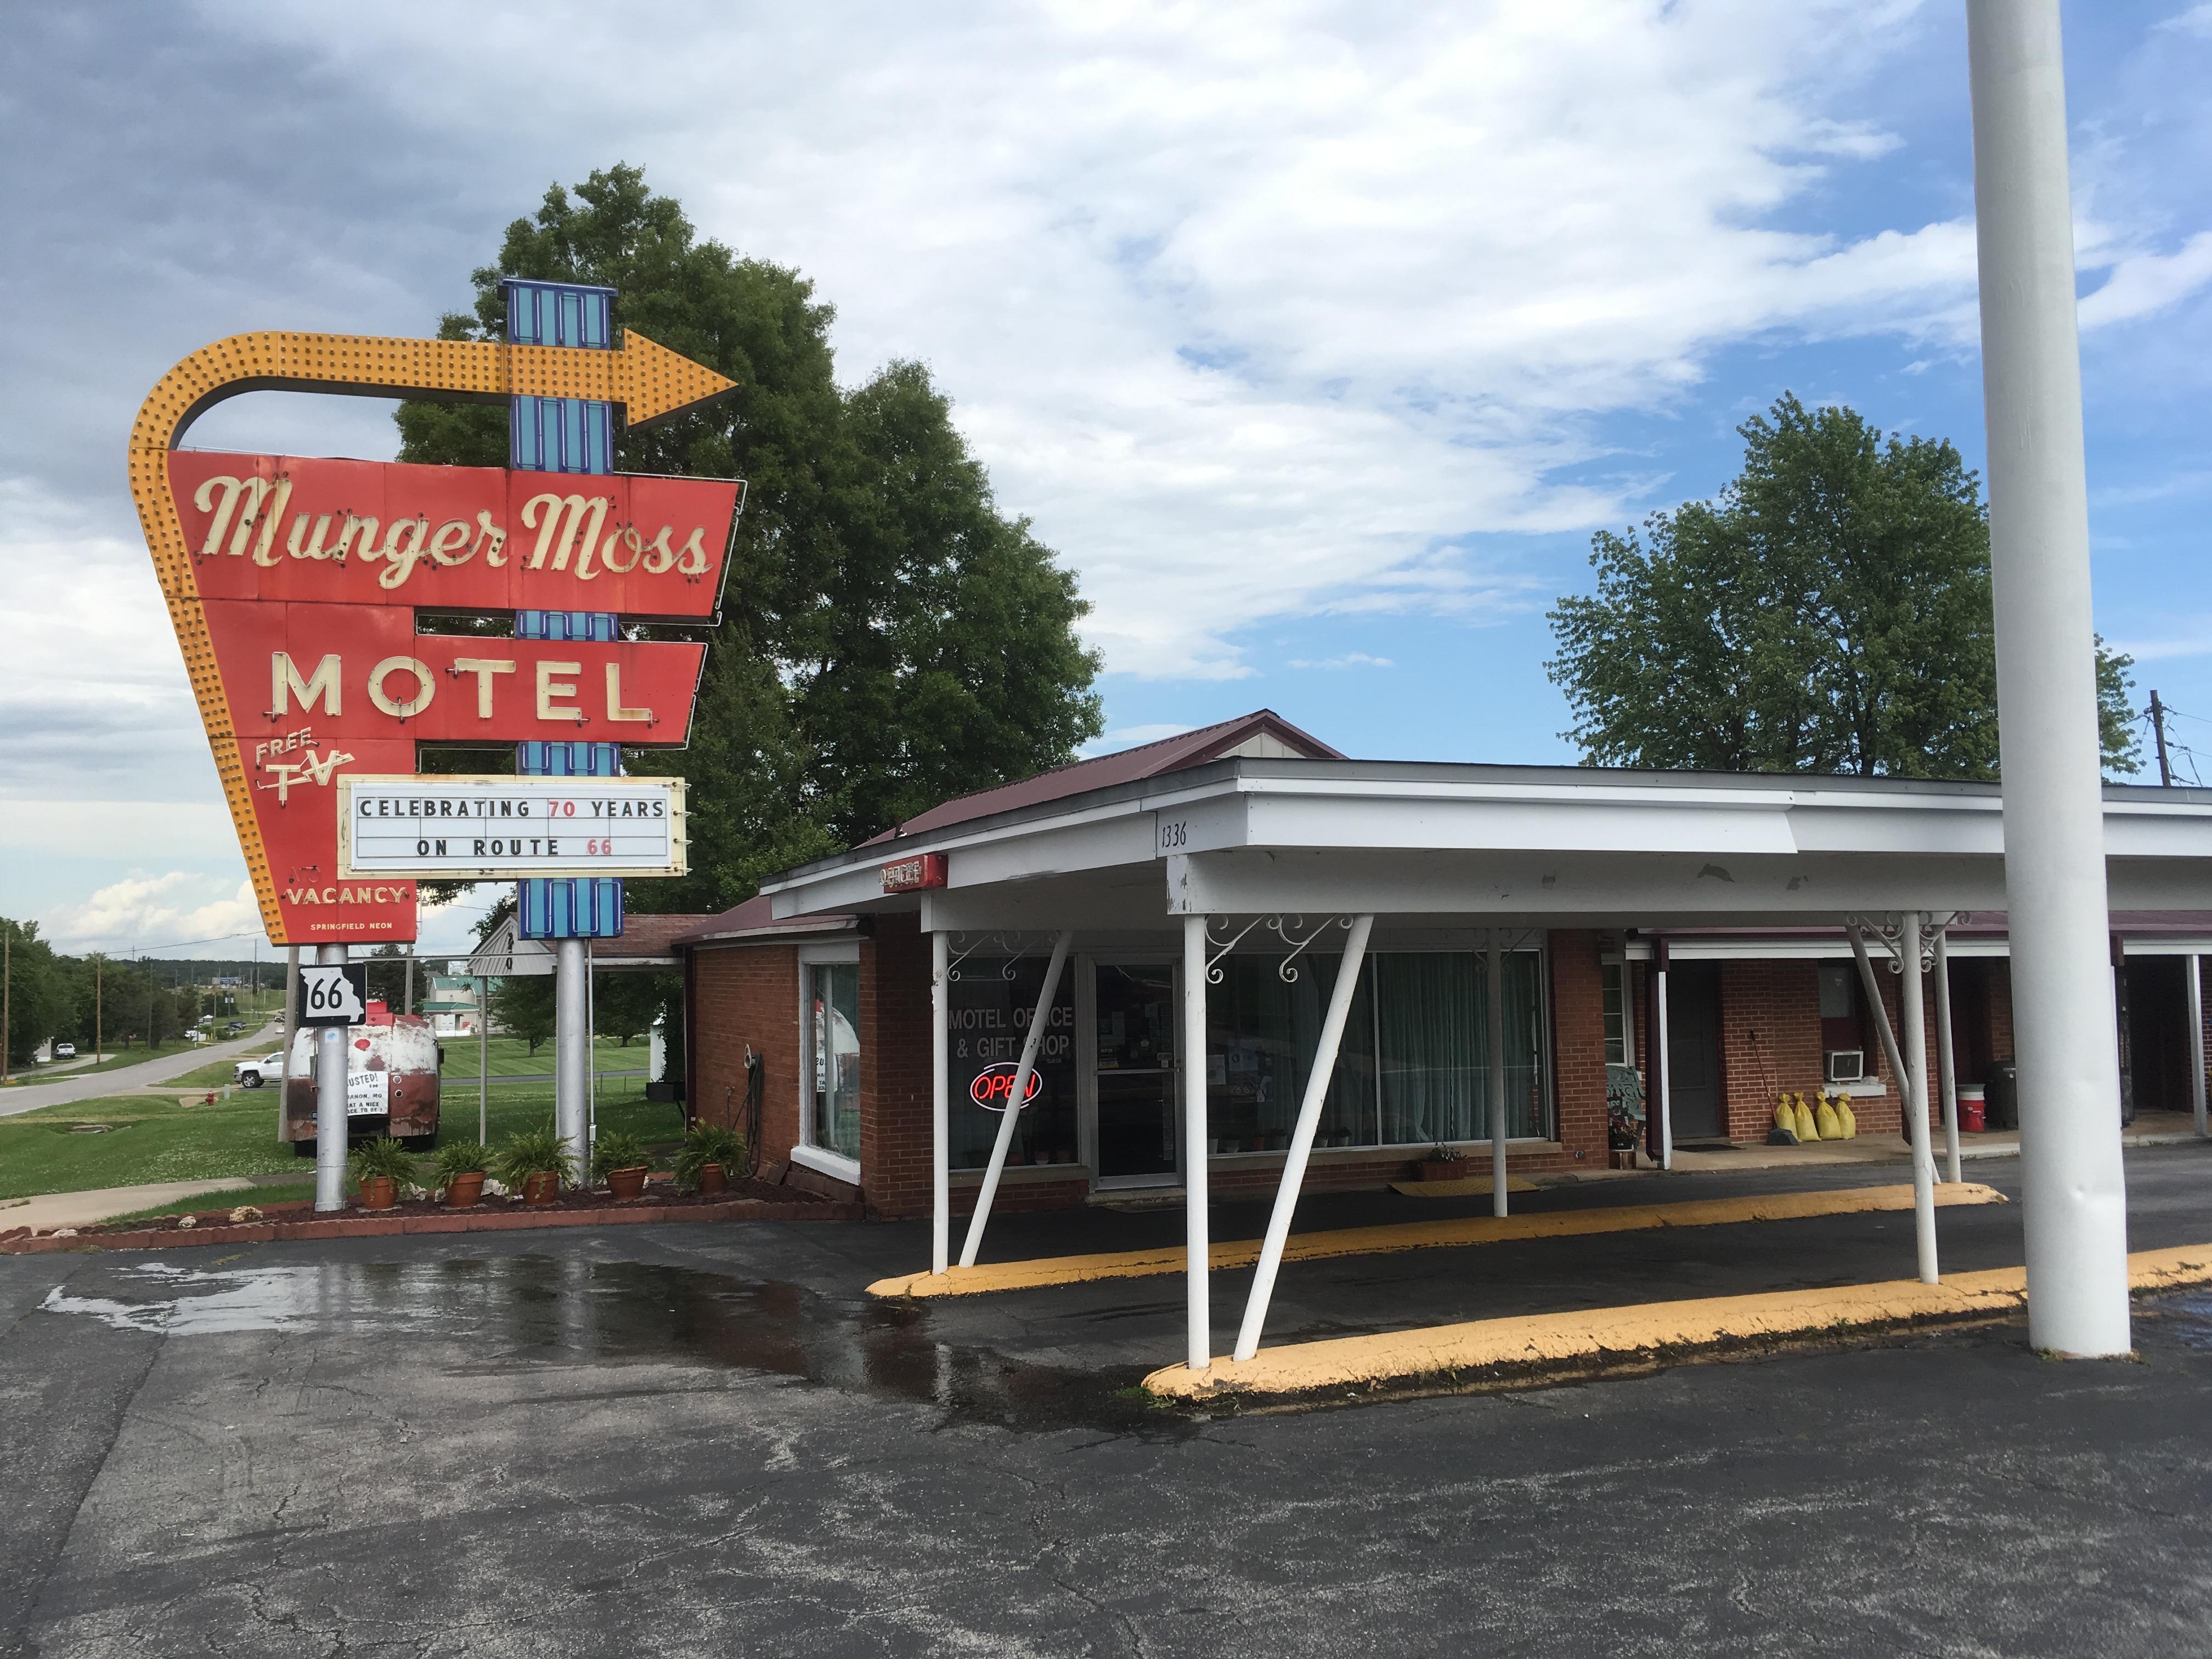 Munger-Moss motel